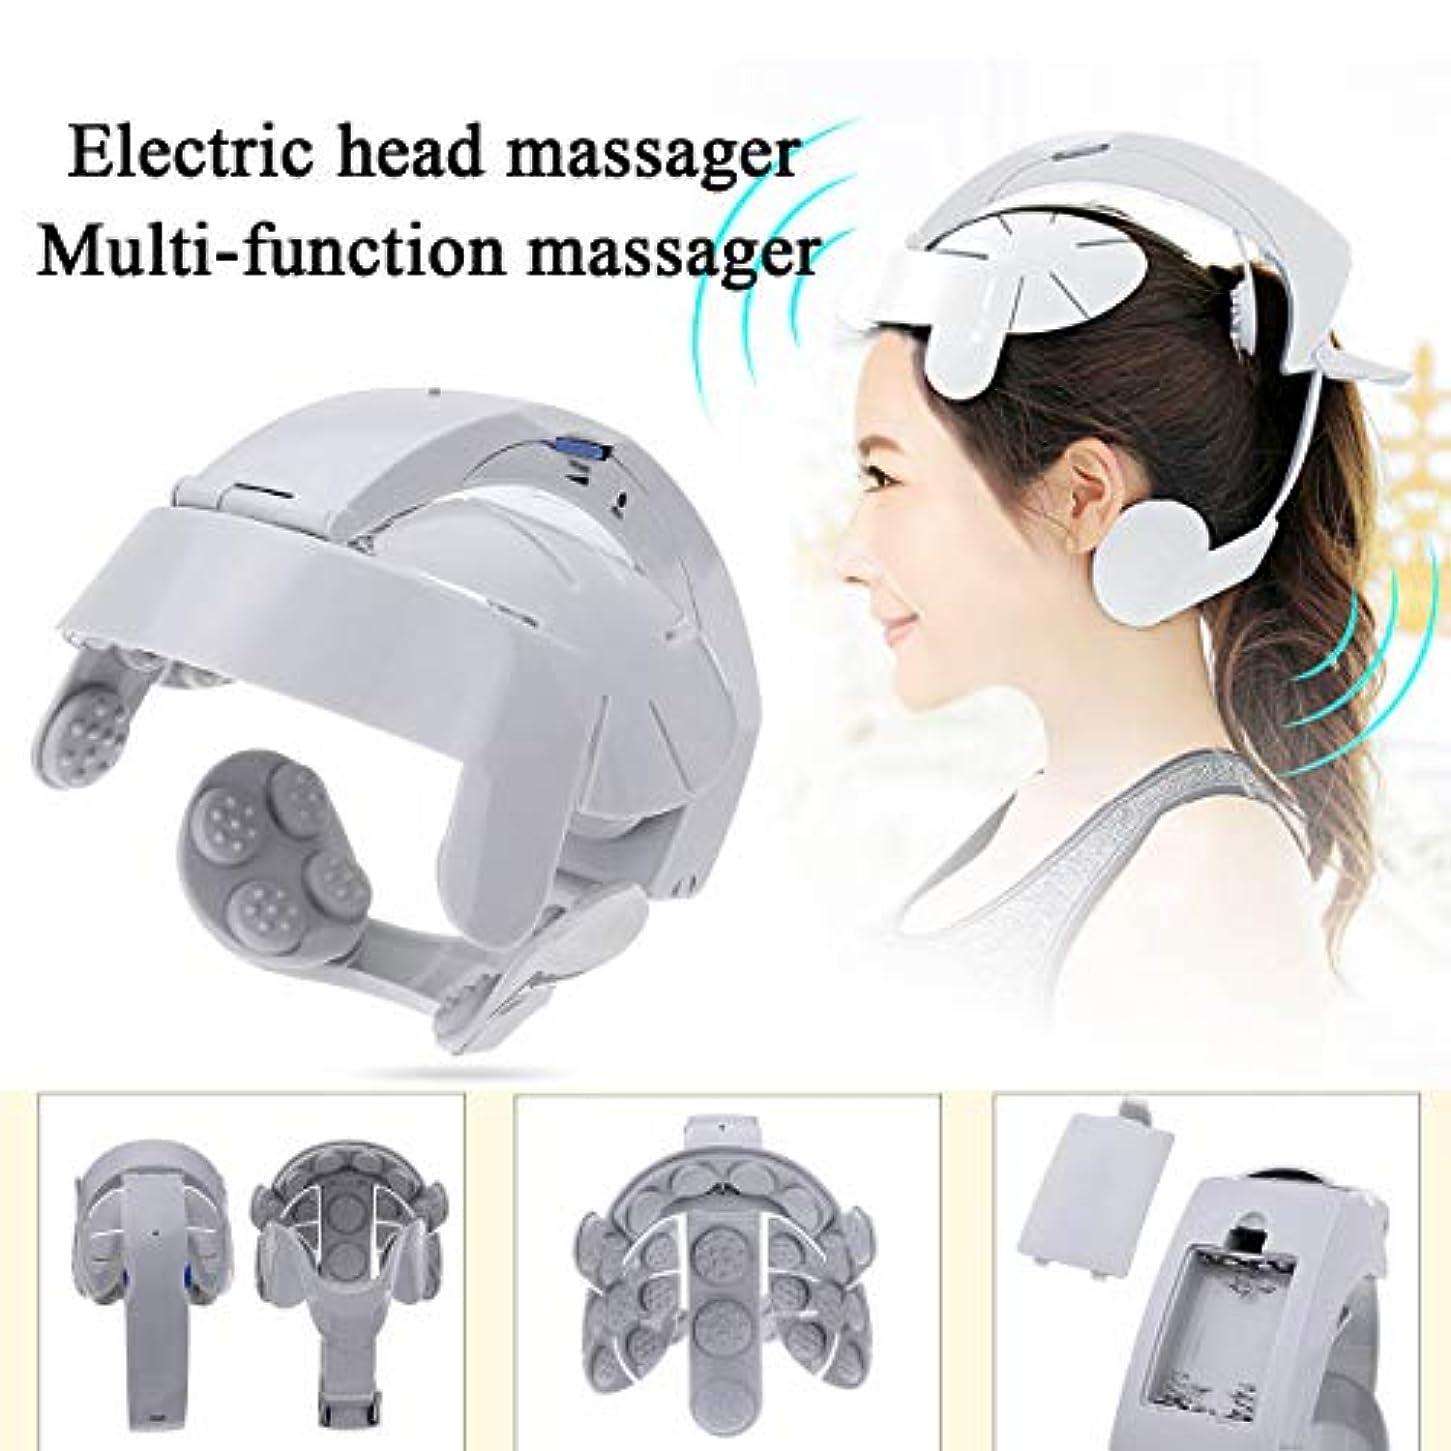 基本的なエレベーター立方体電気ヘッドマッサージの振動マッサージ簡単な脳マッサージ器ストレスリリーフとより良い睡眠経穴ストレス解放機